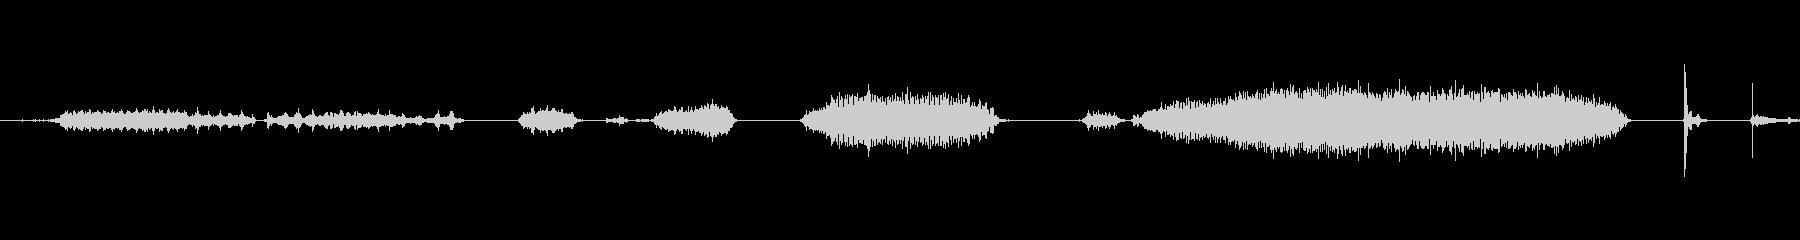 ミシン、モダン、室内、ツール; D...の未再生の波形